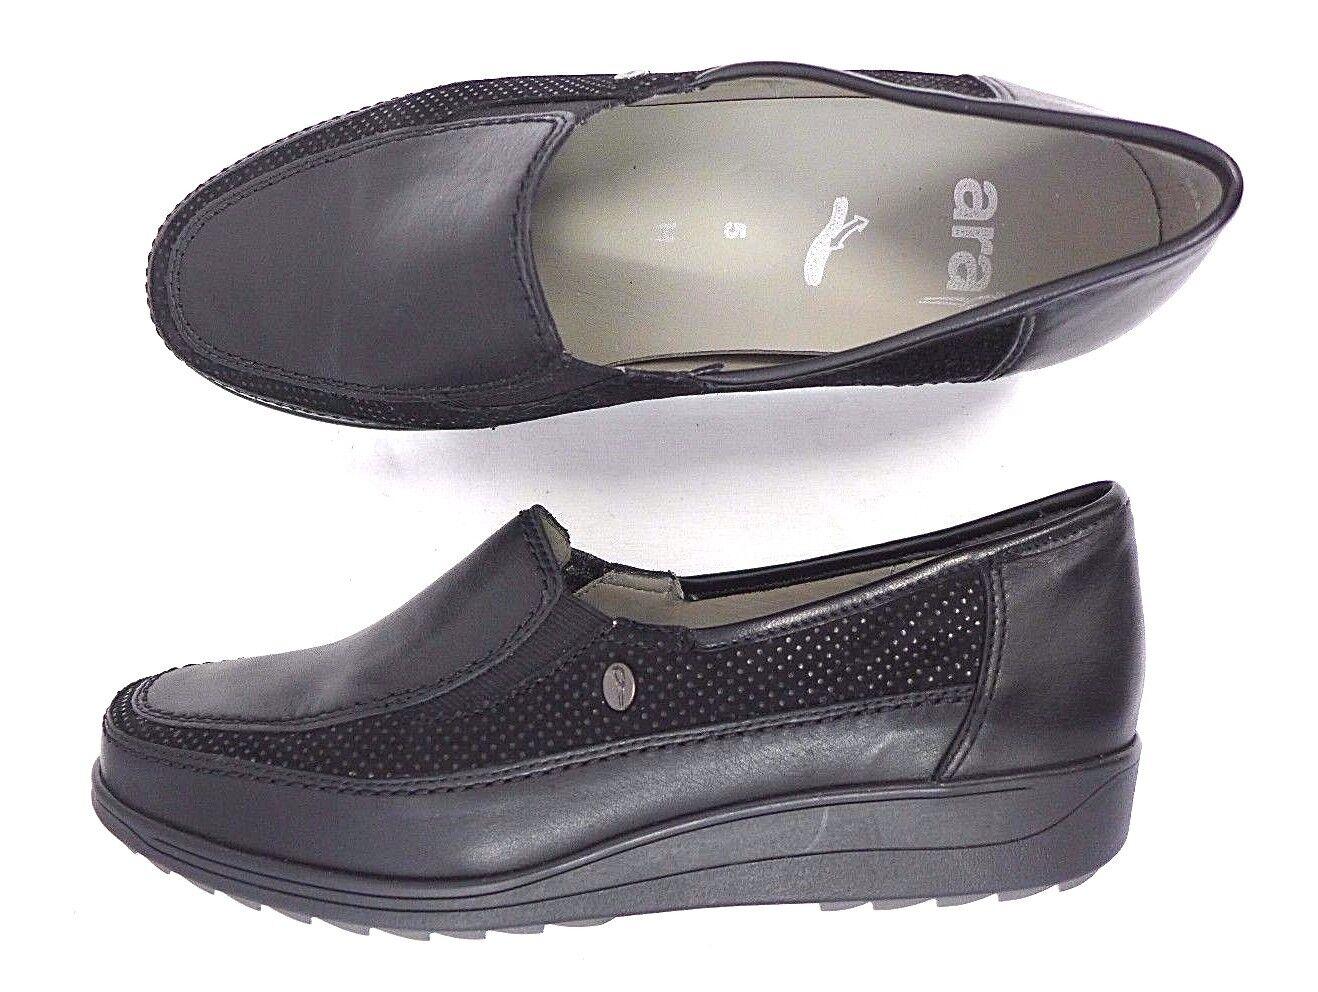 Ara Damen Slipper schwarz 6 Größe 5 5,5 6 schwarz 7 38 - 41 Leder lose Einlage Komfort 6b39d3